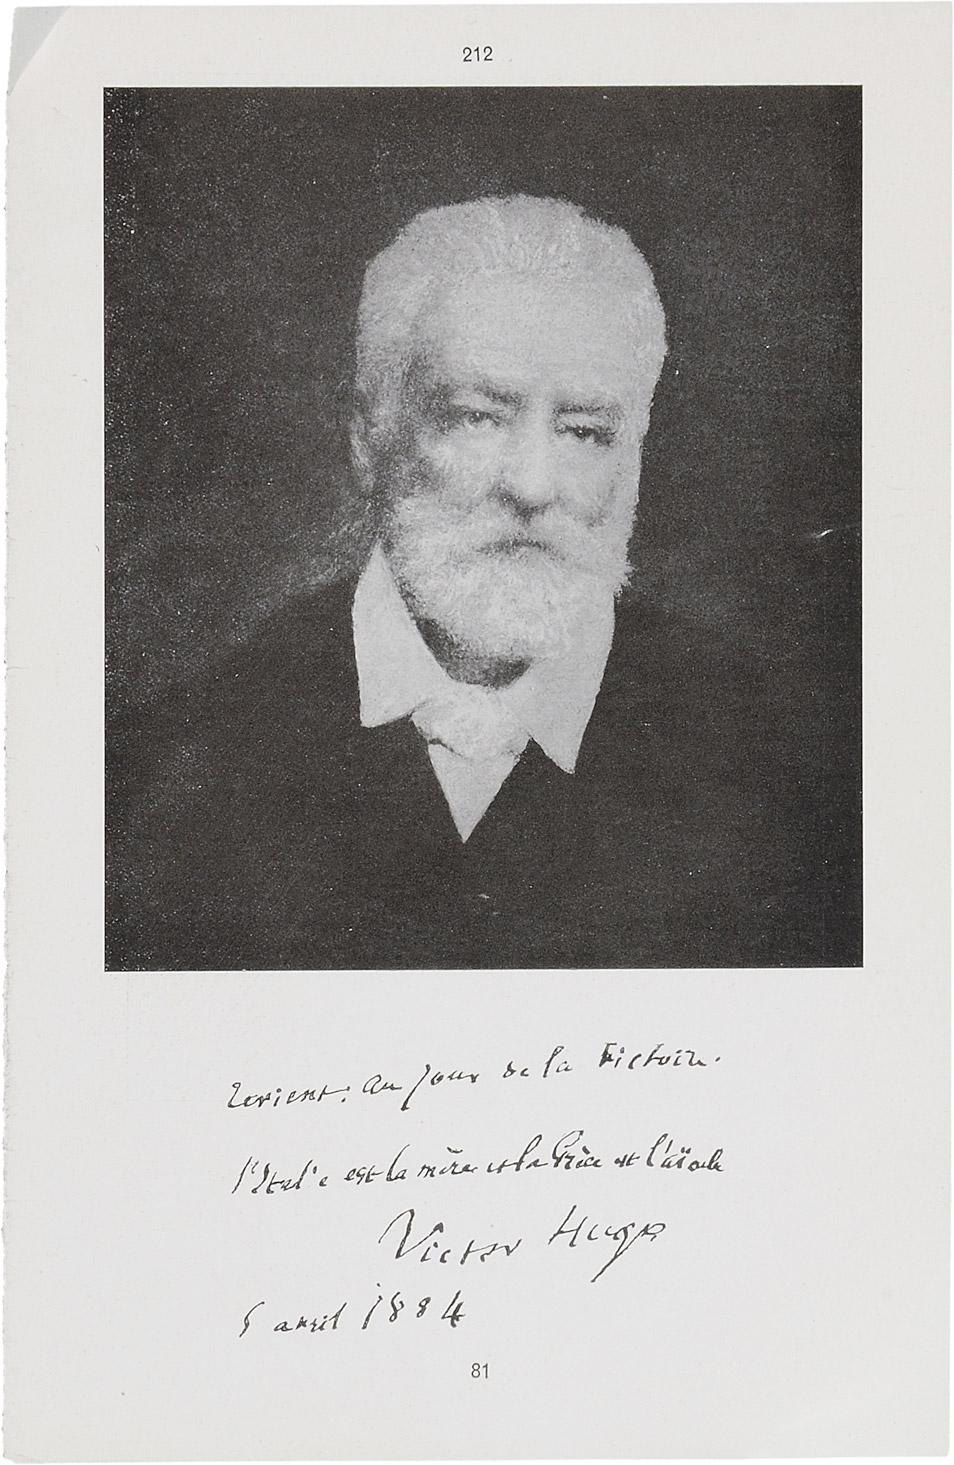 Note de Victor Hugo, 5 avril 1884 - Patrimoine Charles-André COLONNA WALEWSKI, en ligne directe de Napoléon